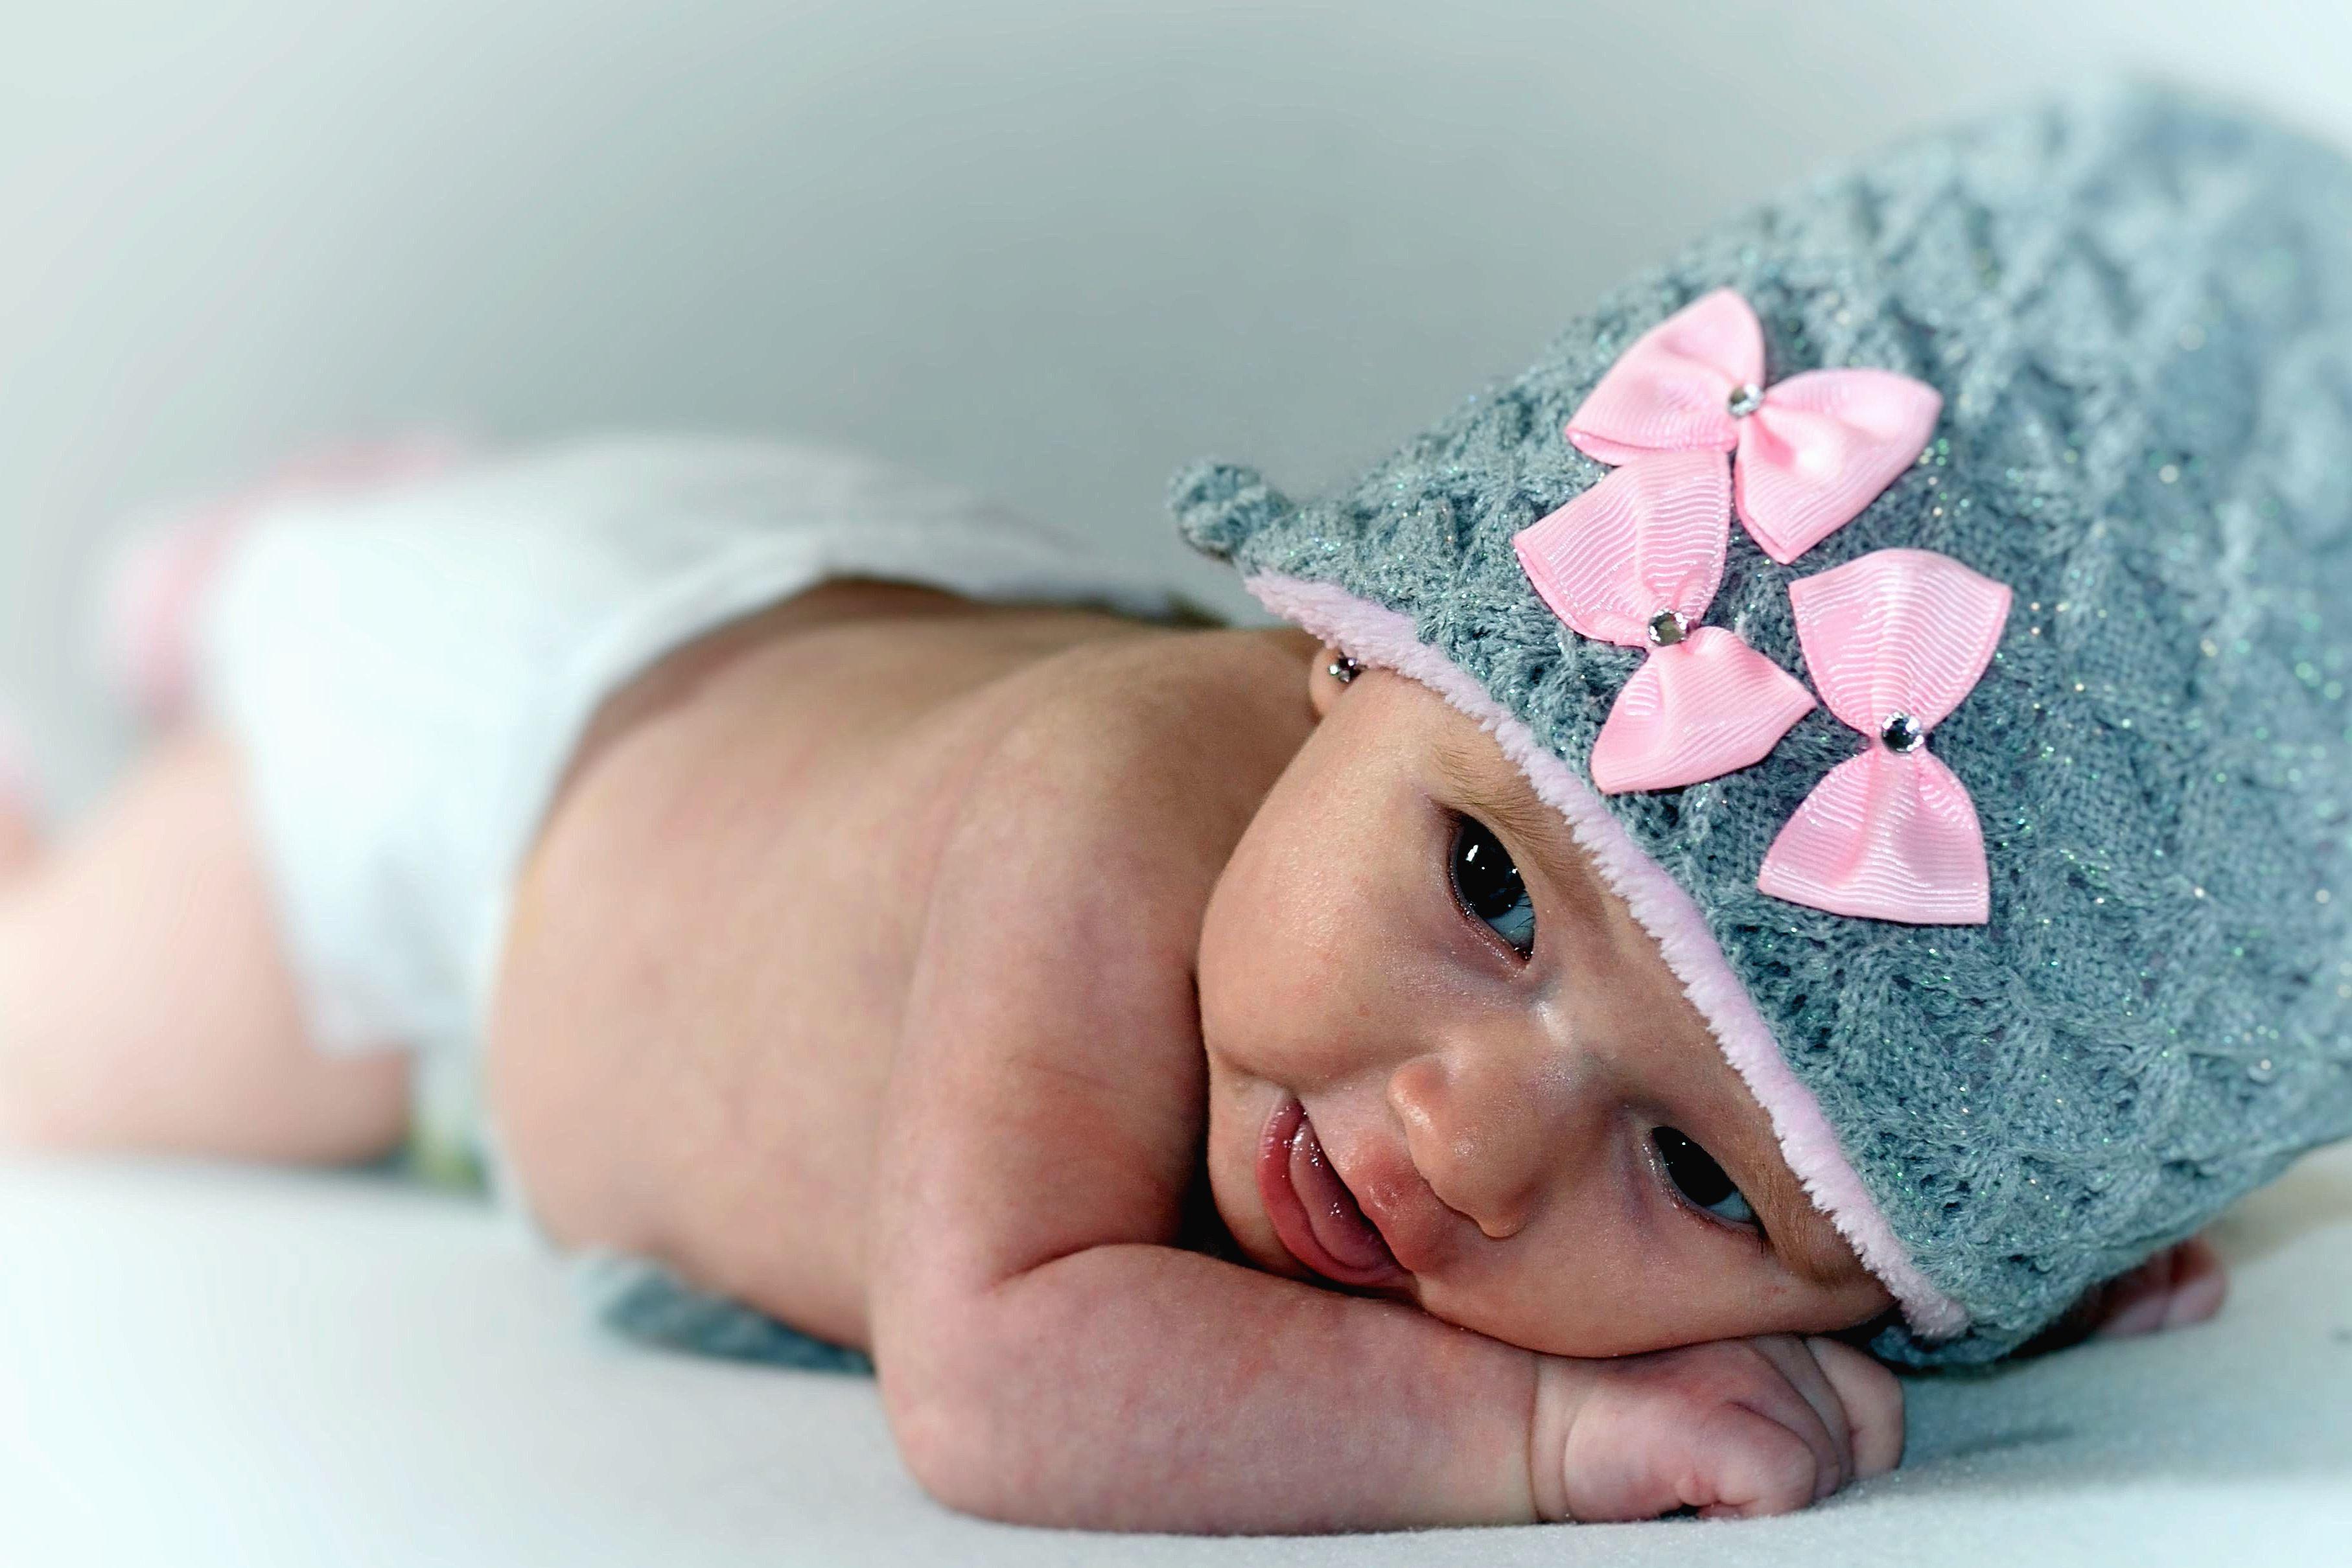 Imagen gratis: Bebé, niña, hermoso, cama, niño, lindo